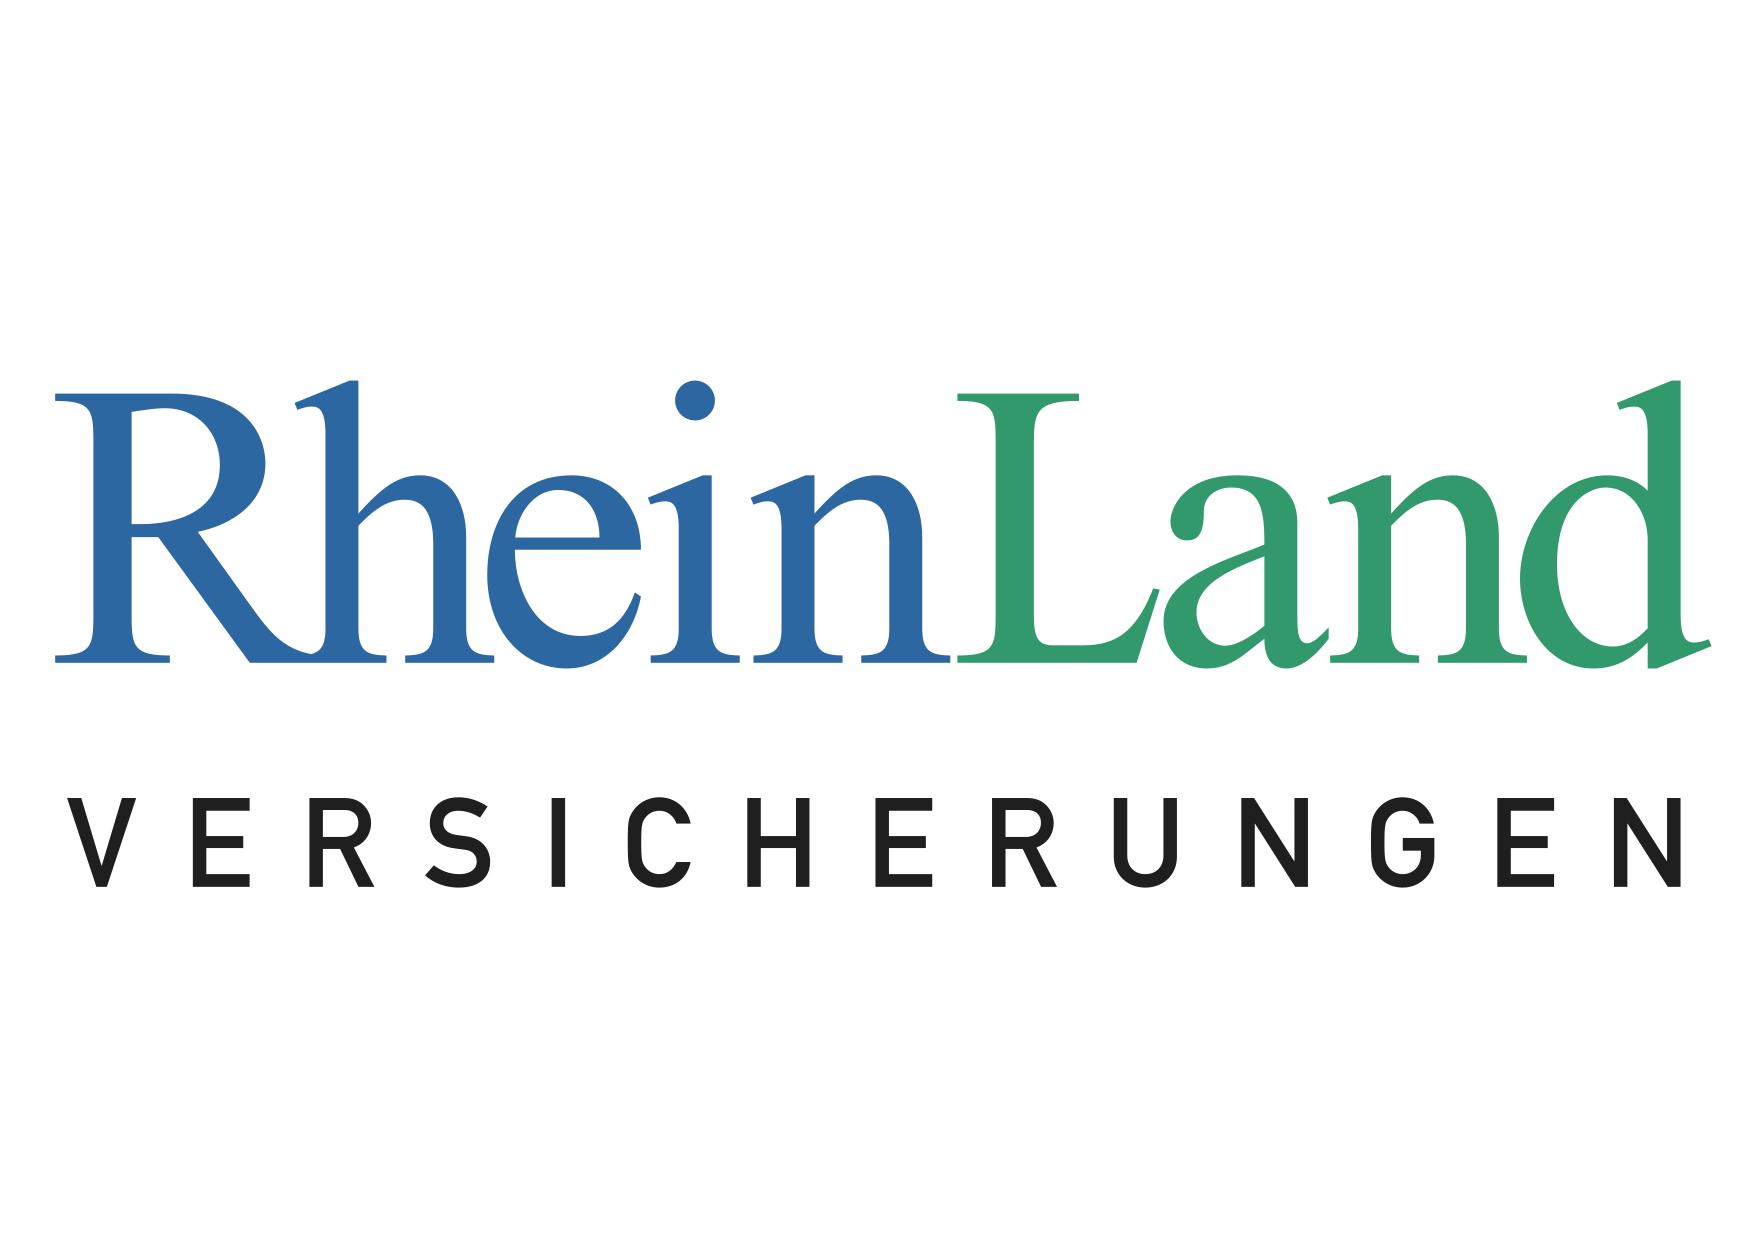 rheinland_logo.png